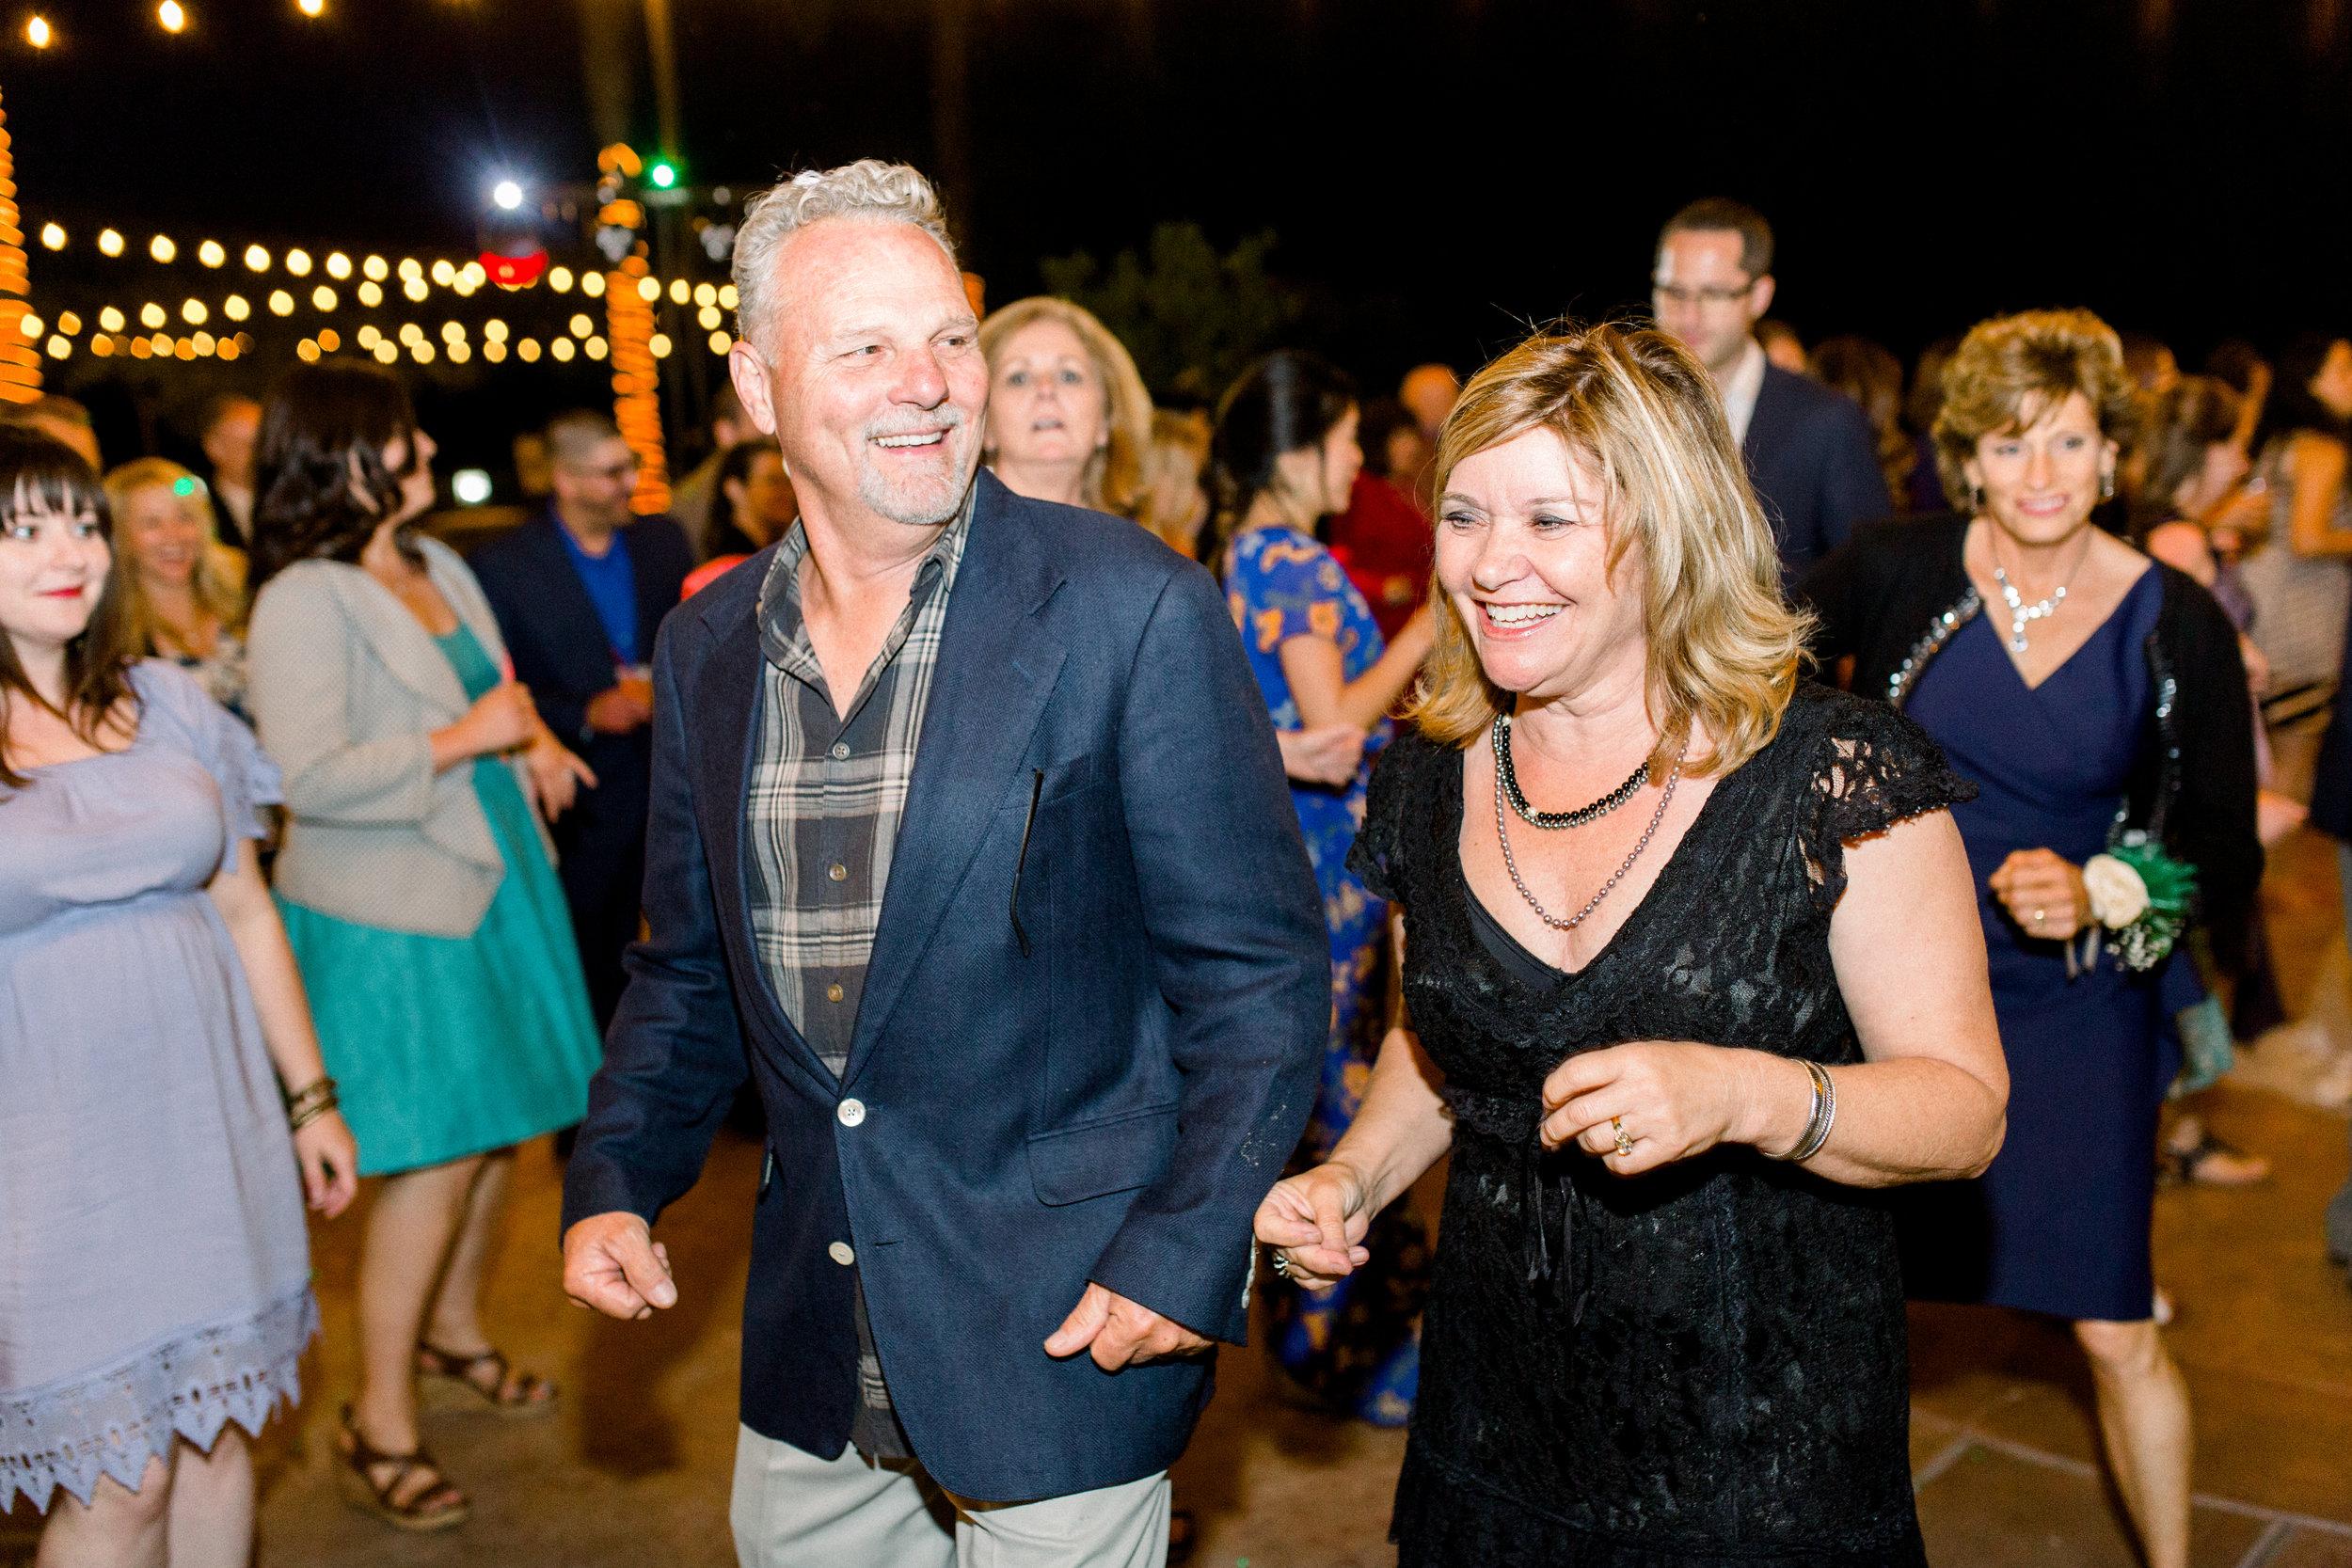 wolfe-heights-event-center-wedding-4.jpg